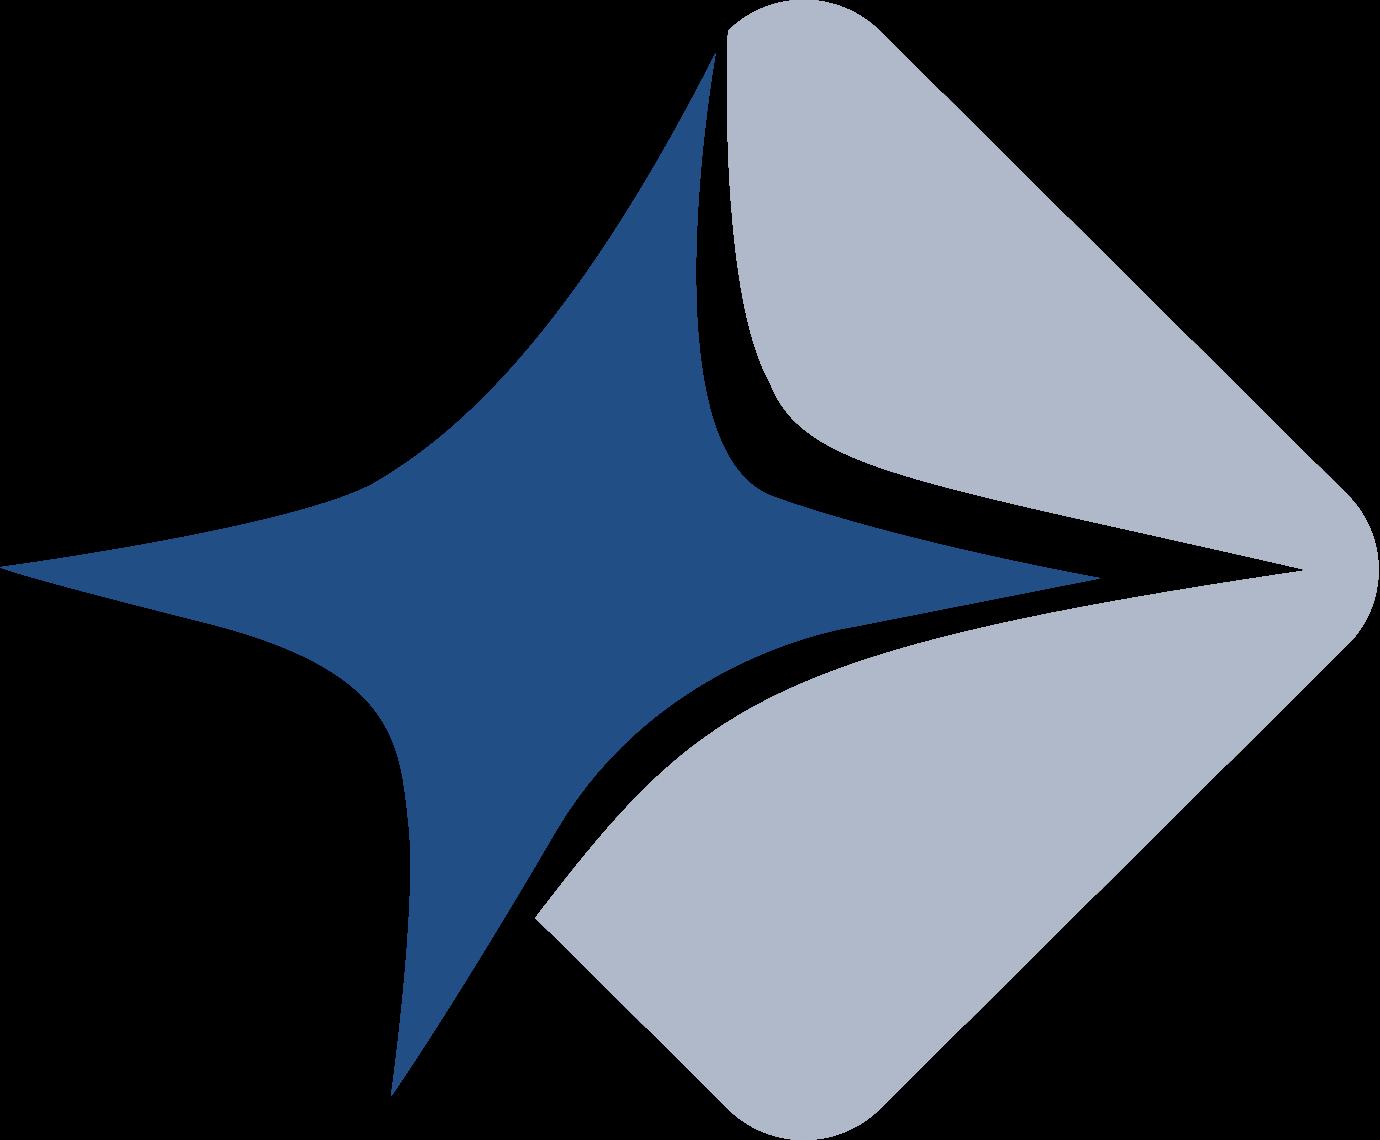 starware star